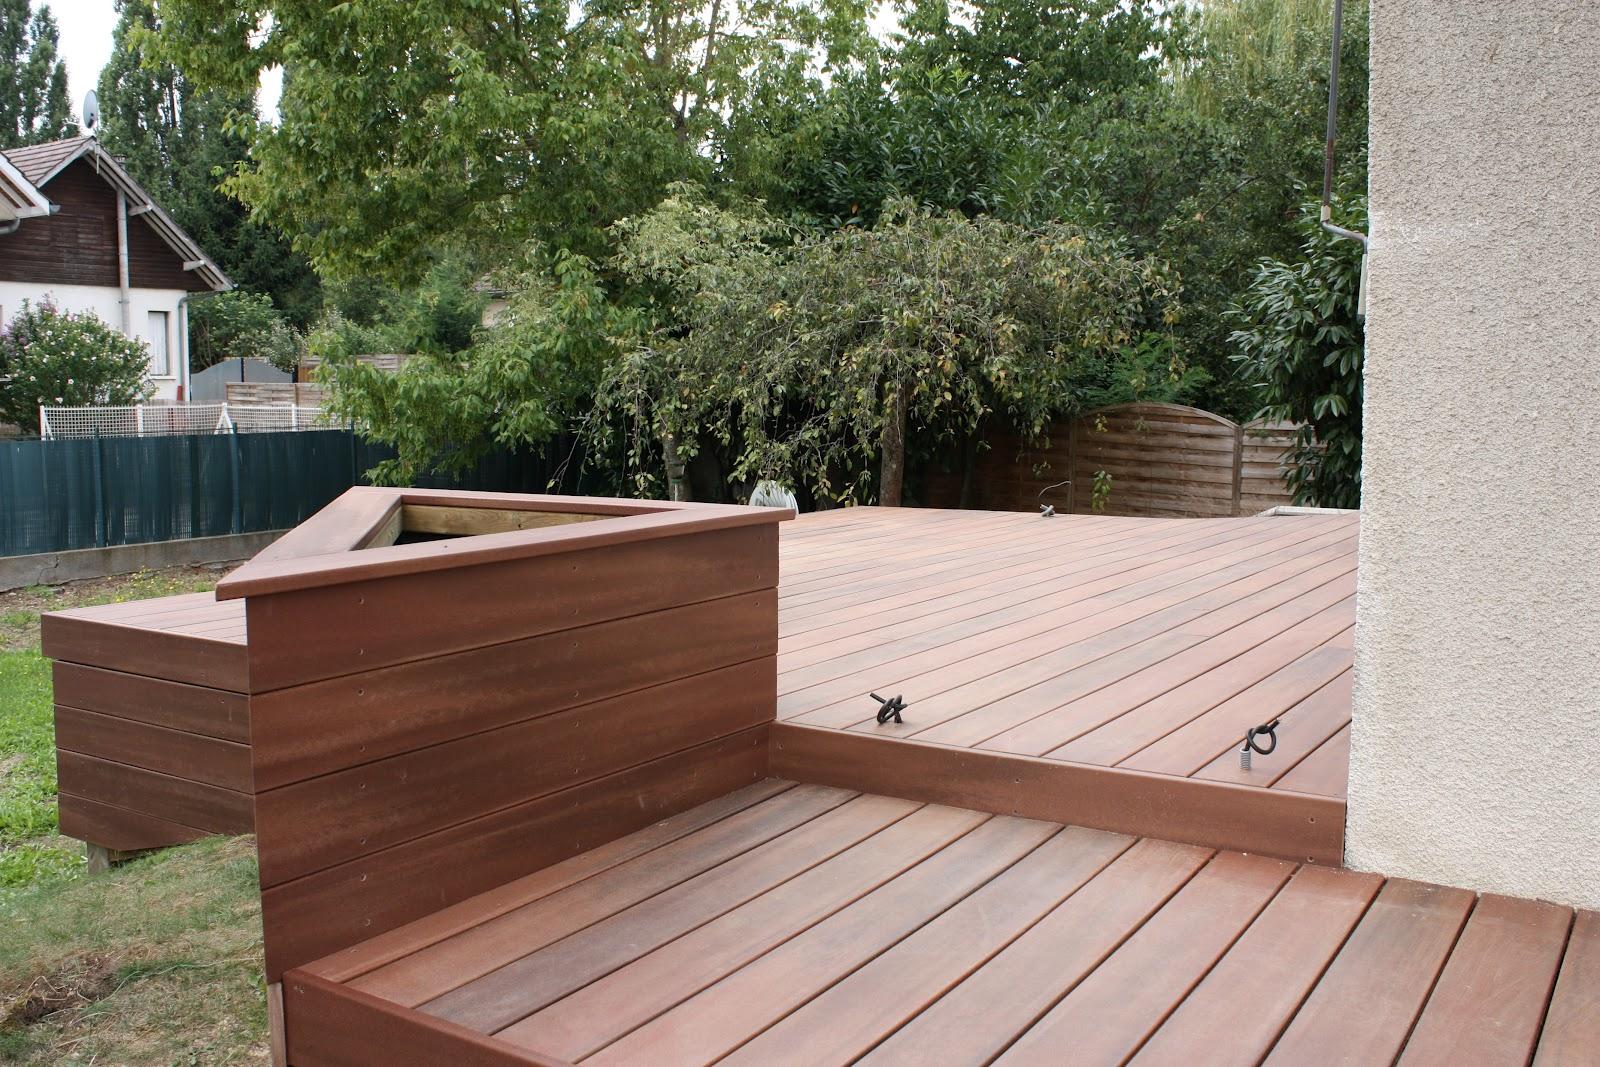 terrasse en composite clipsé gris piveteau bois terrasse en composite